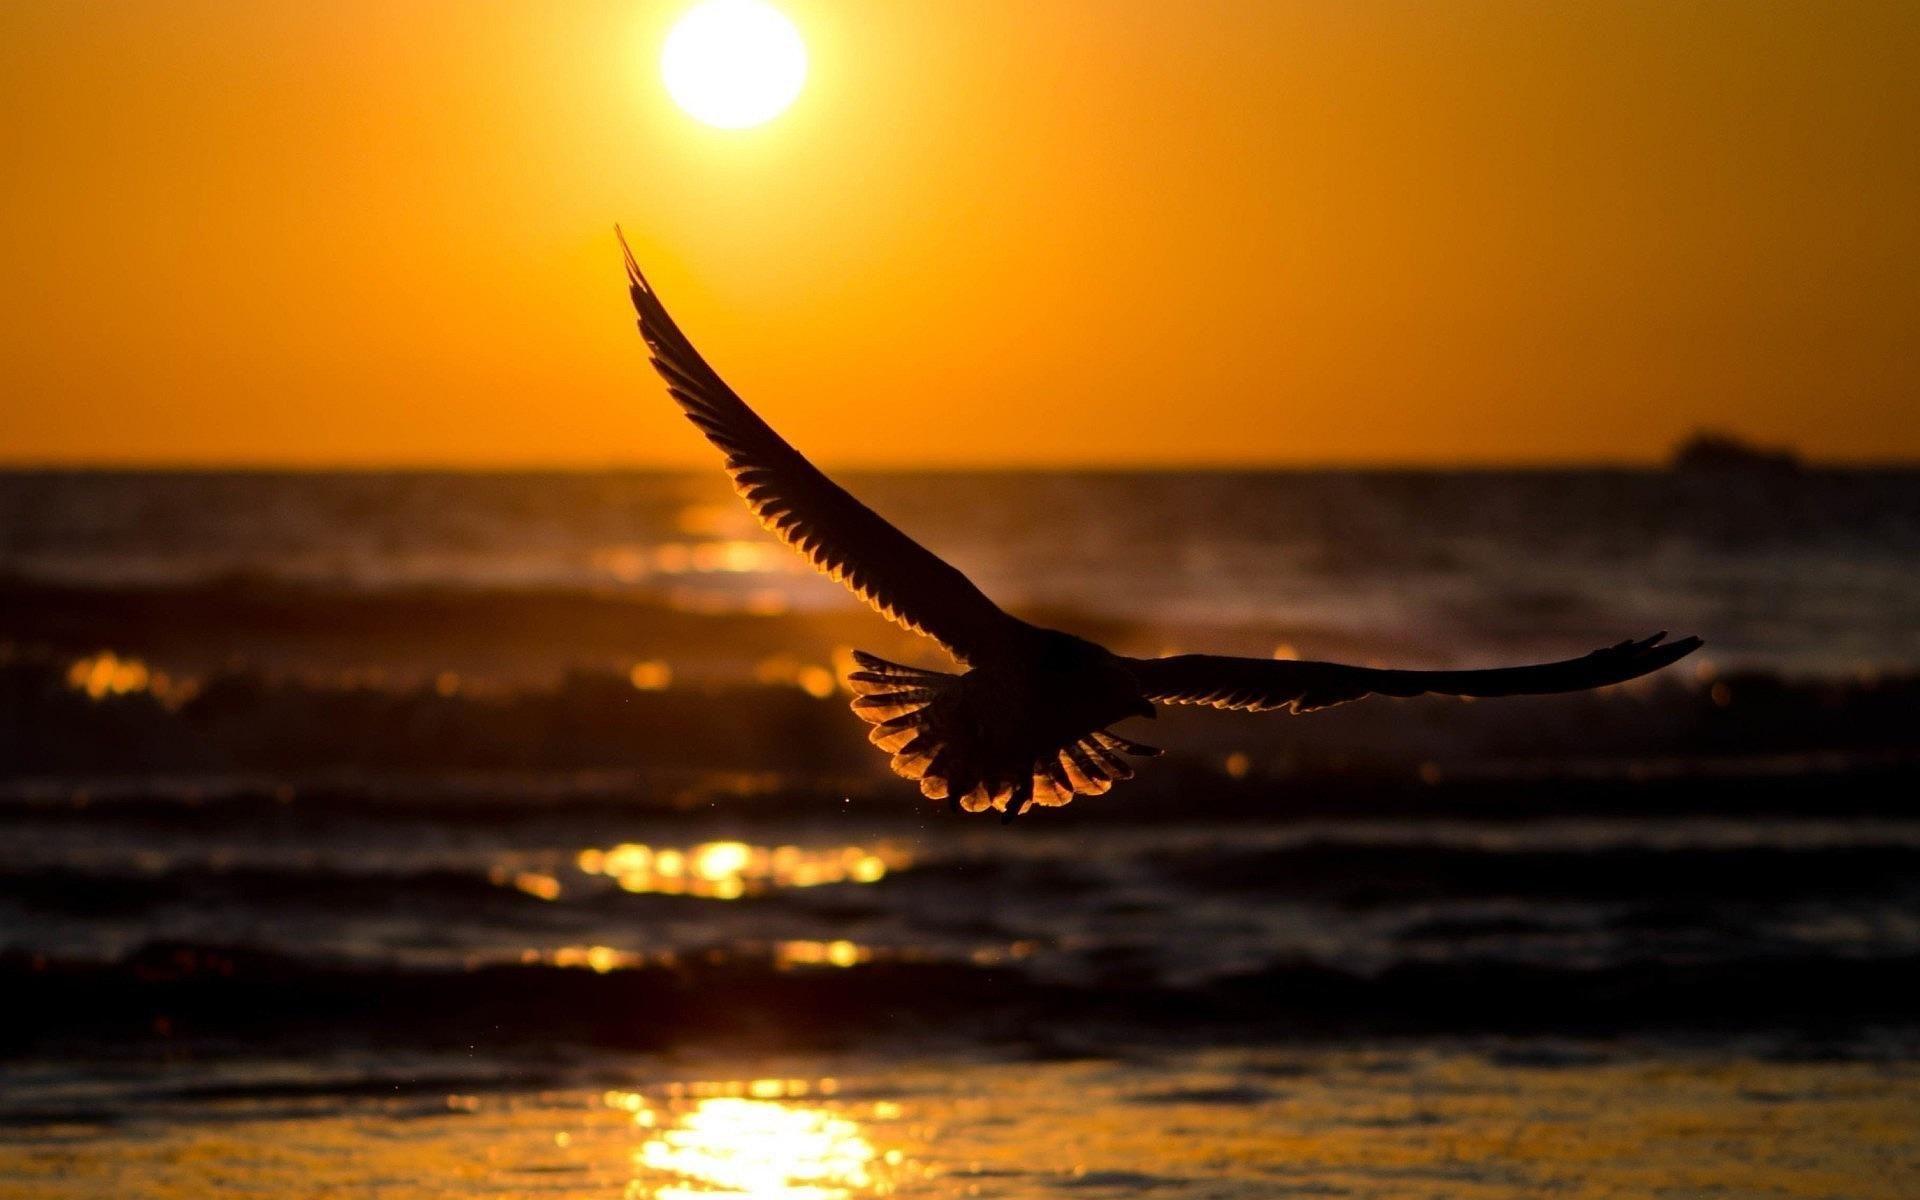 bird-flying-sunset.jpg